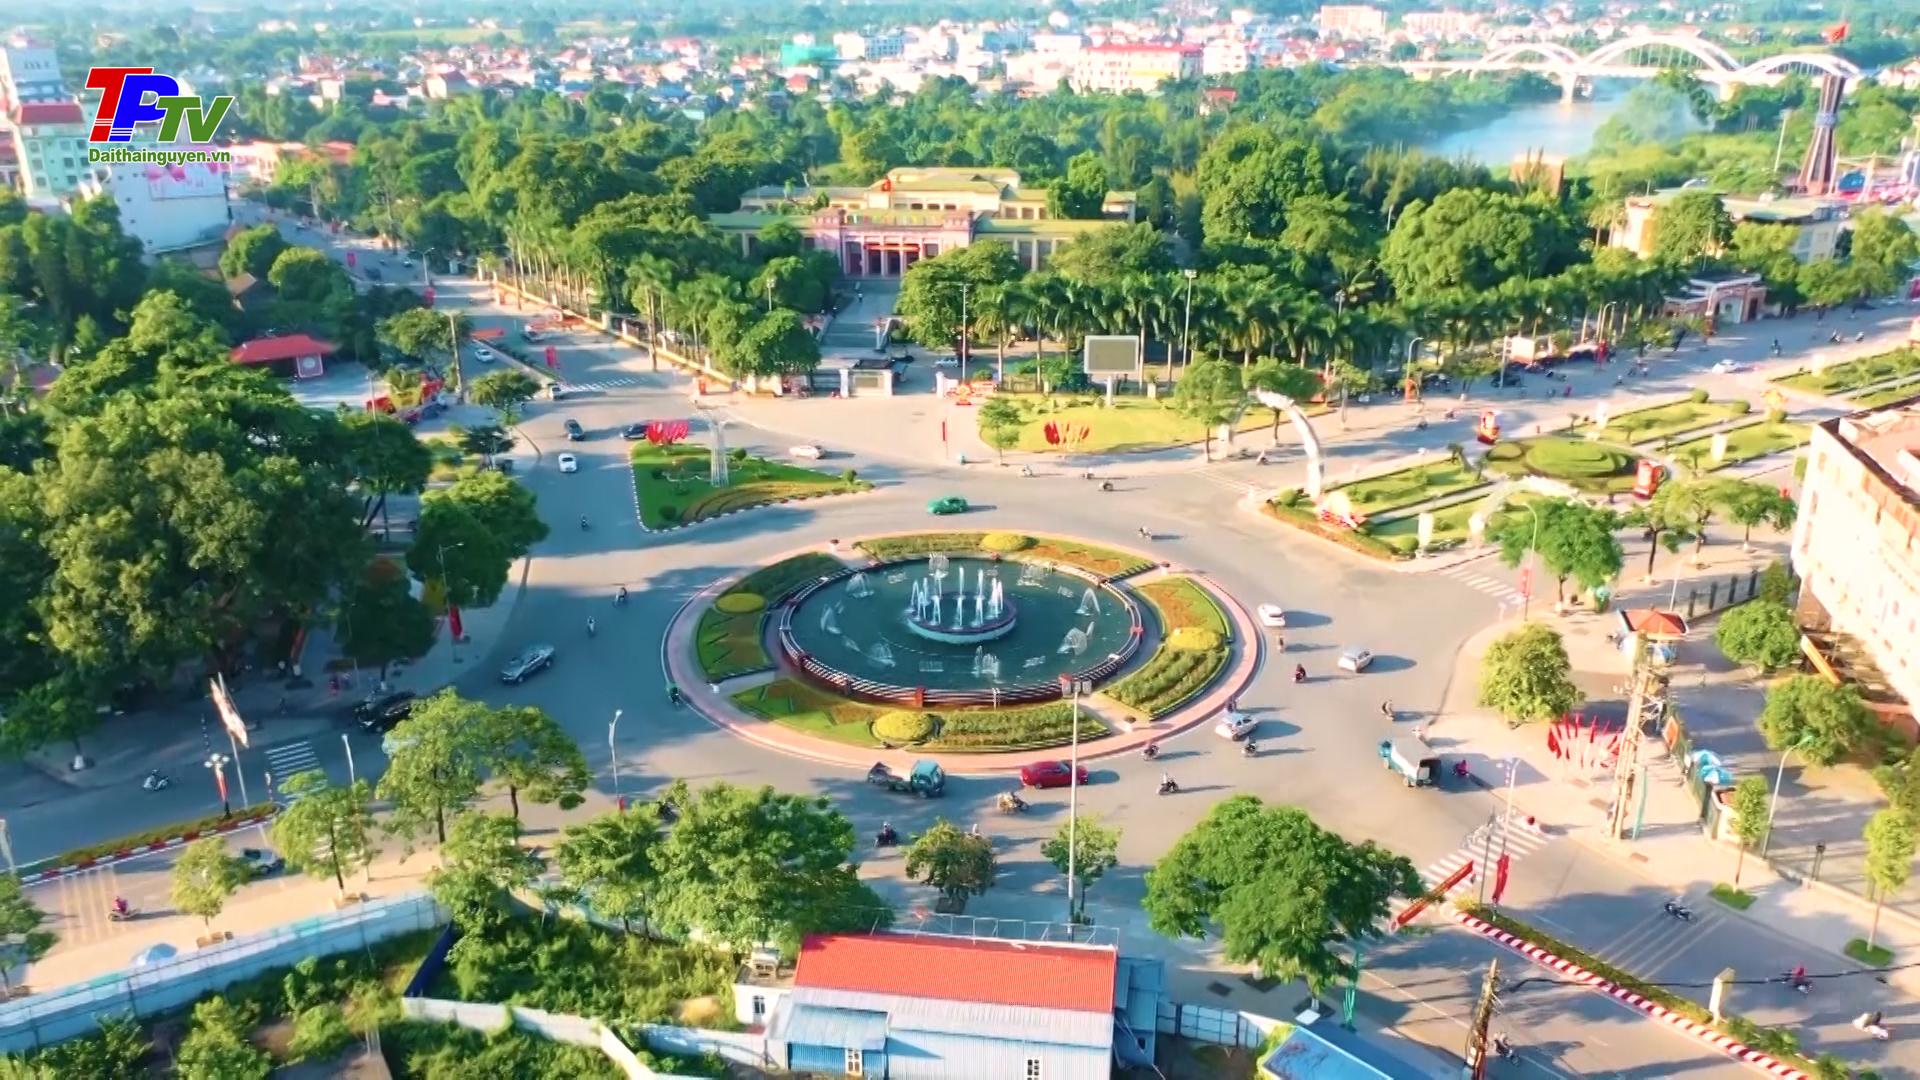 Thành phố Thái Nguyên - Tự hào từ Mùa Thu ấy.